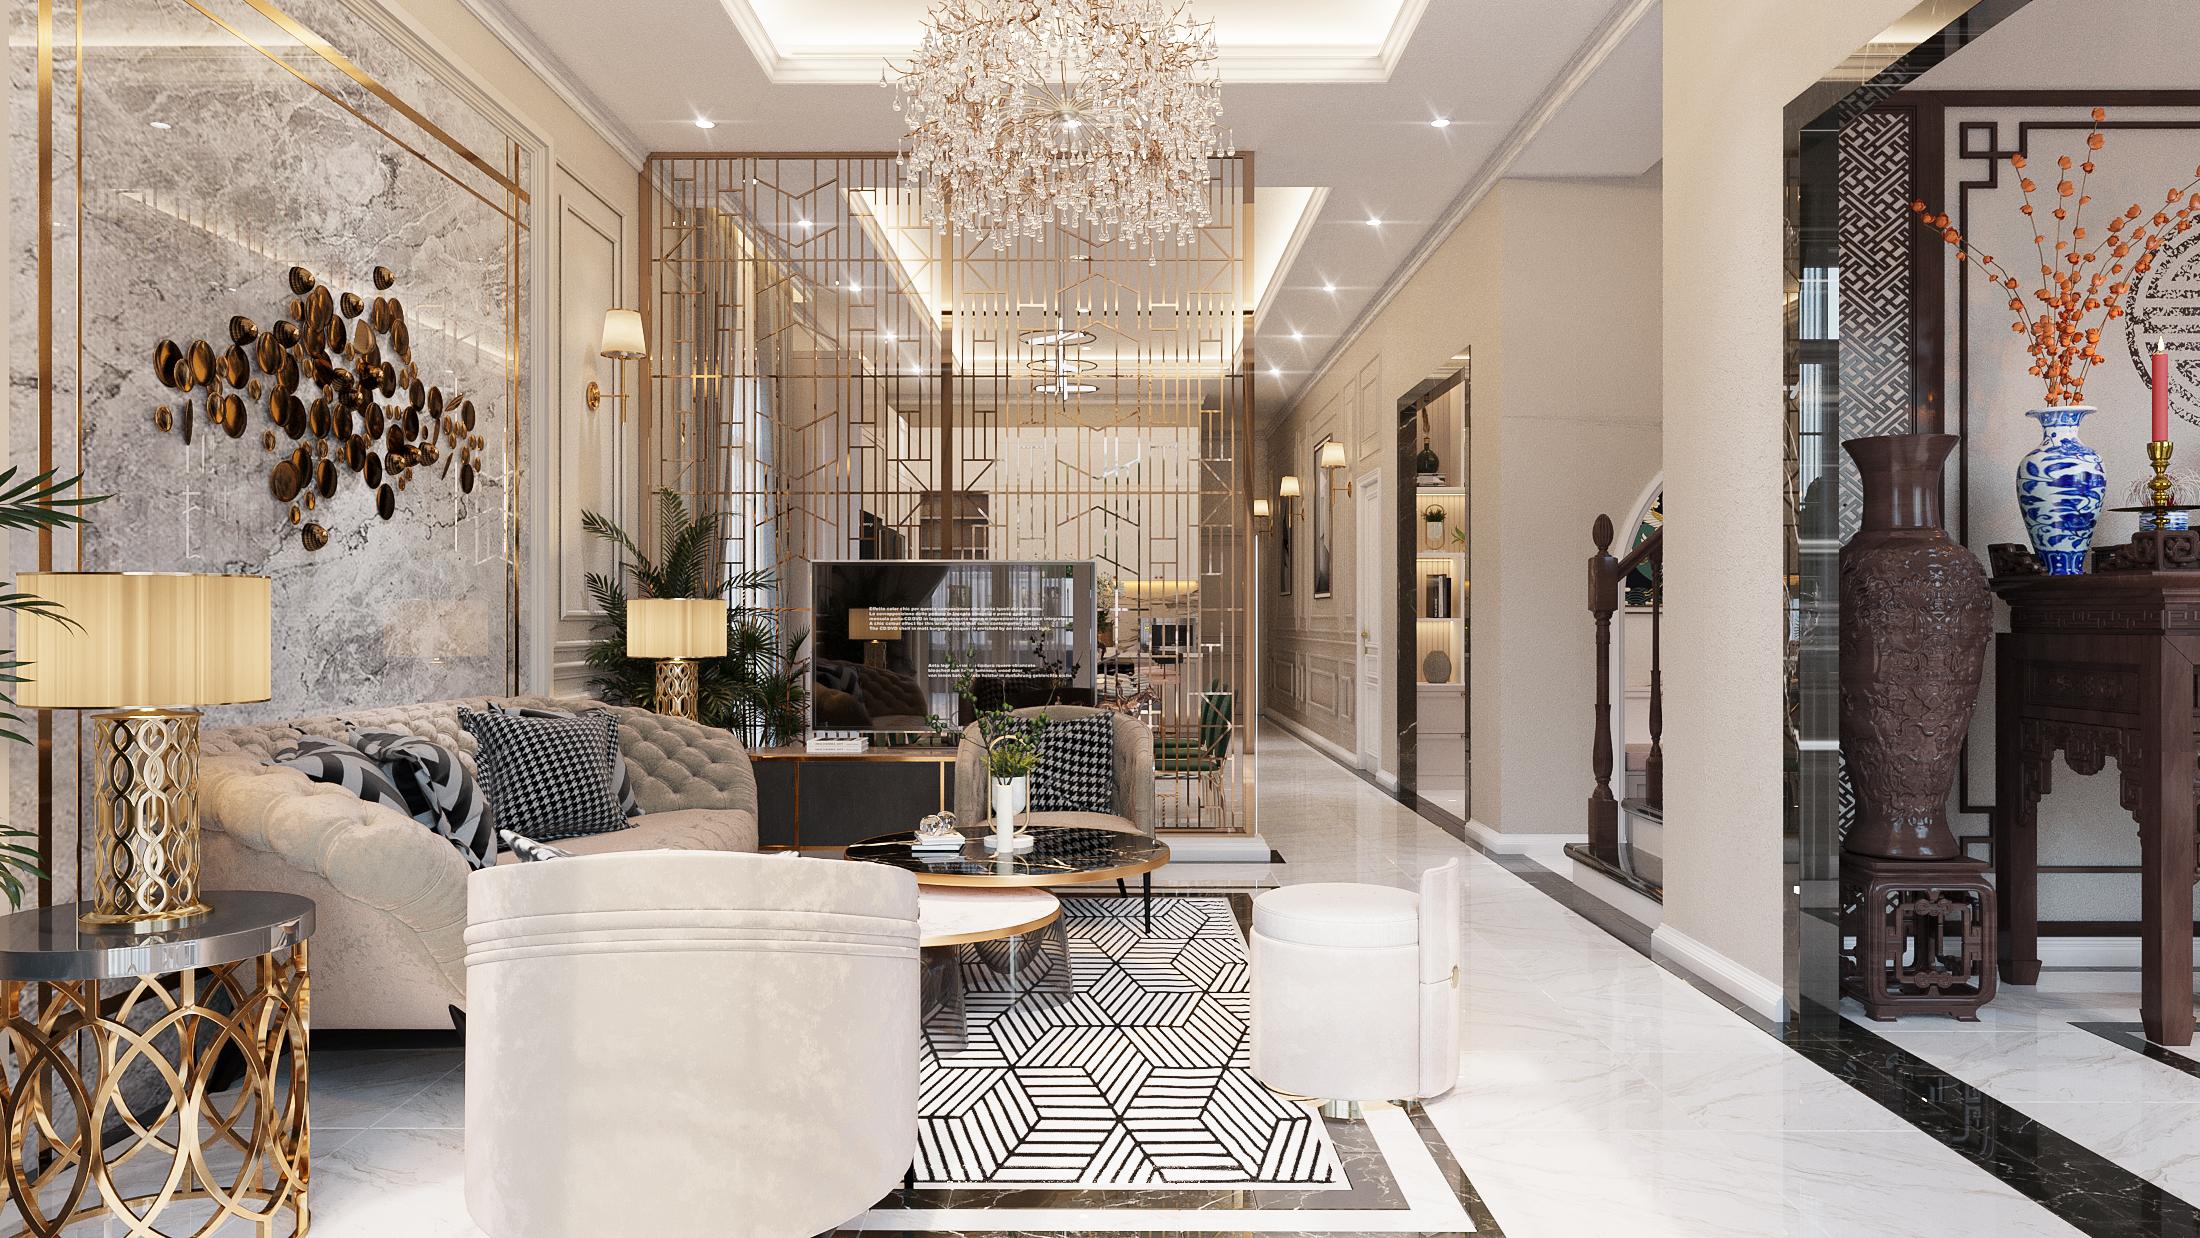 Thiết kế nội thất Biệt Thự tại Hồ Chí Minh NEO- CLASSICAL 1620877406 2